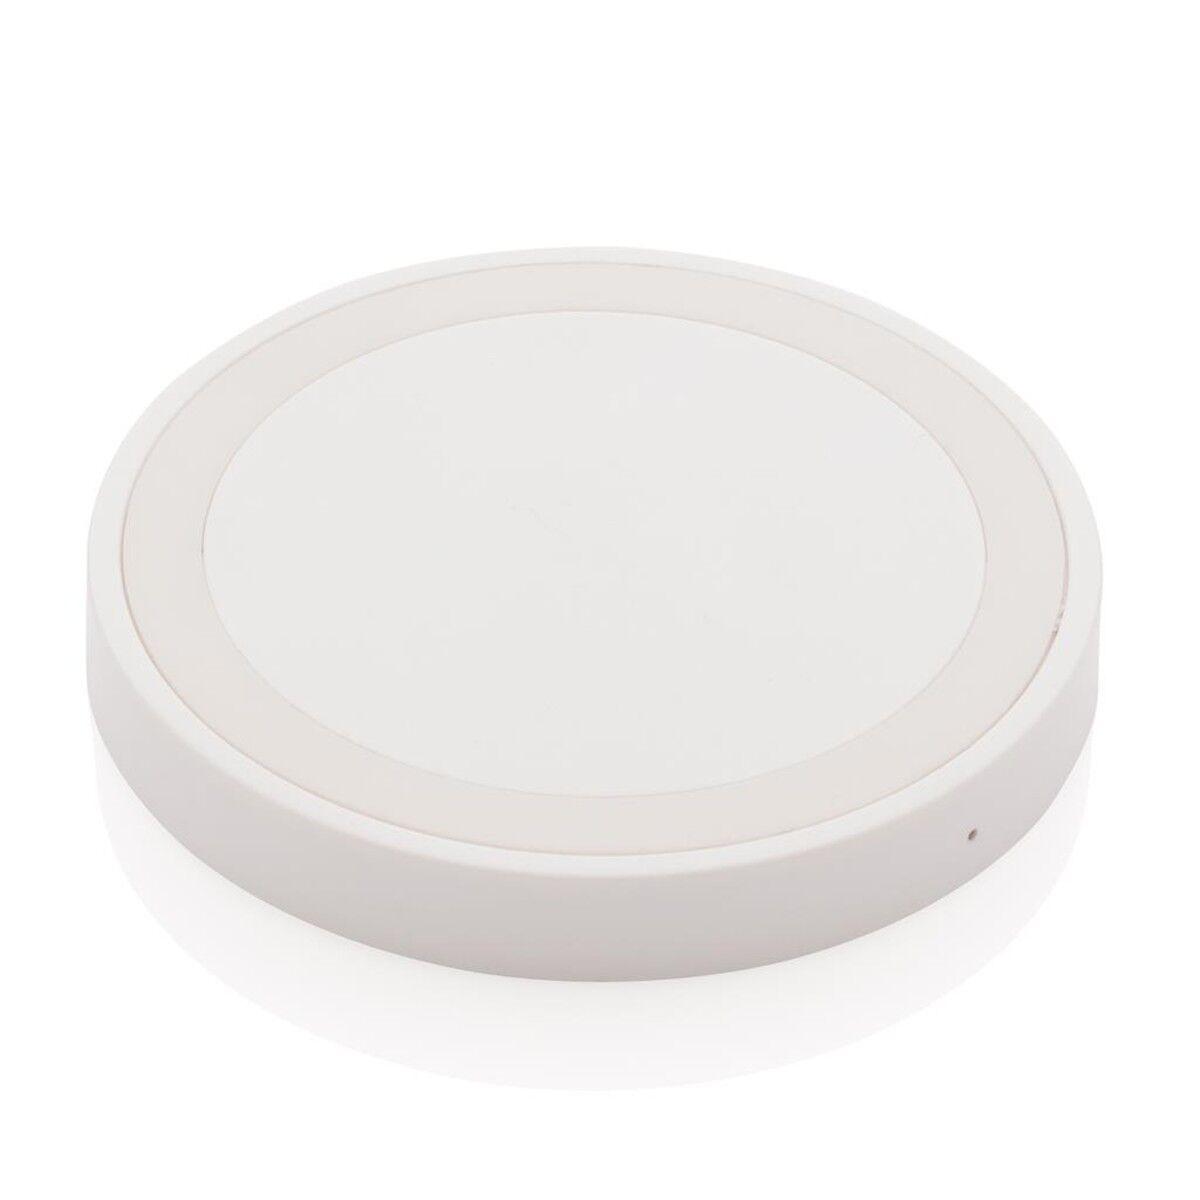 Wireless Round Charging Pad